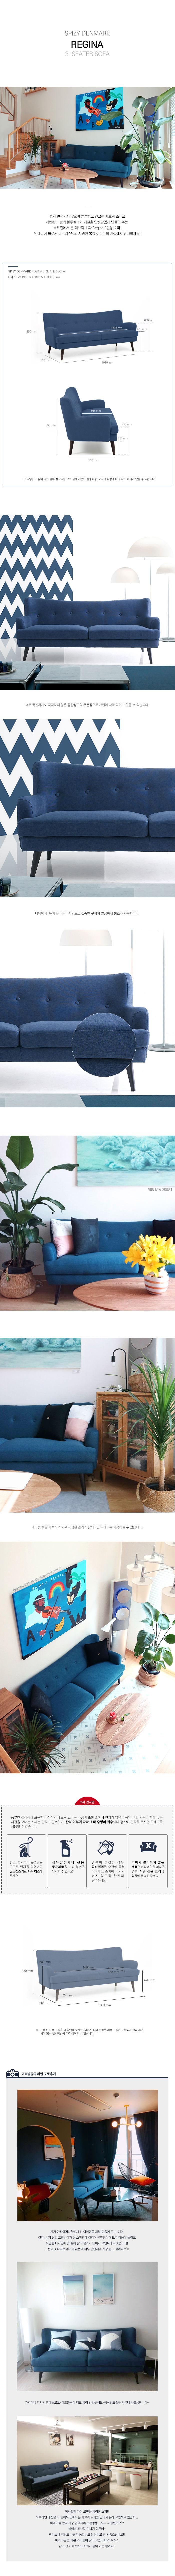 2_2_Regina_sofa.jpg